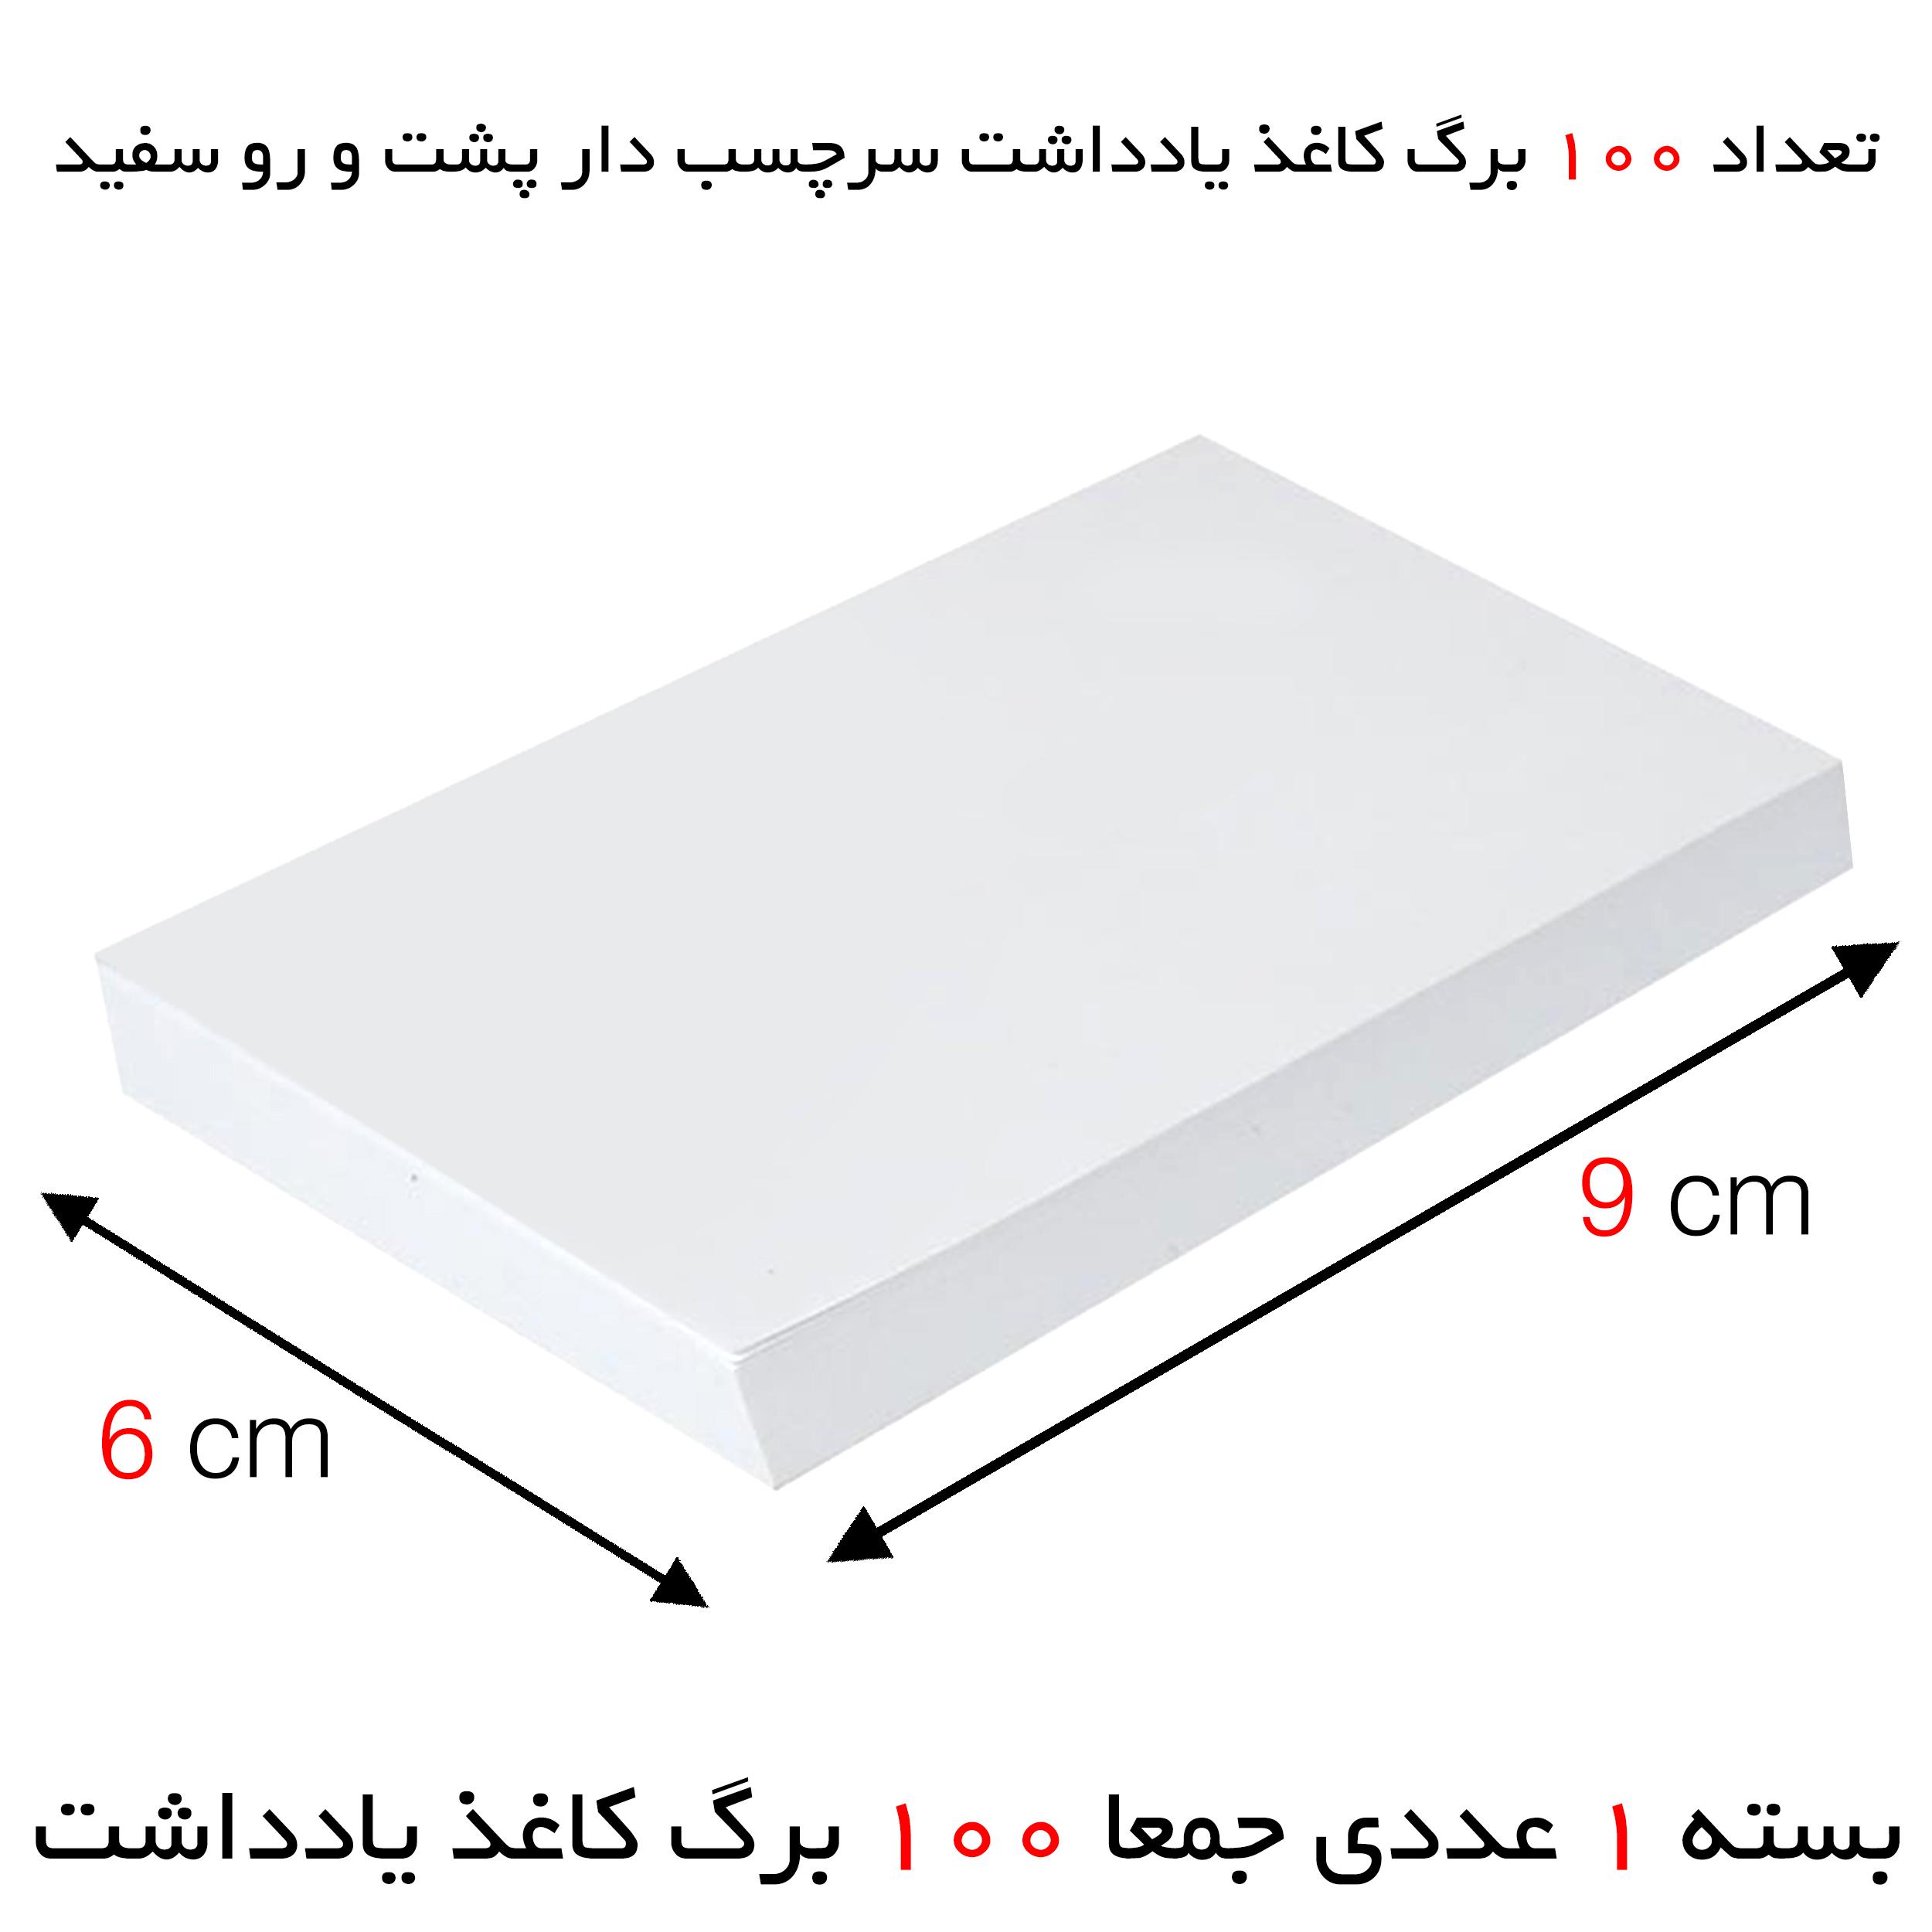 کاغذ یادداشت FG کد 1438 بسته 100 برگی